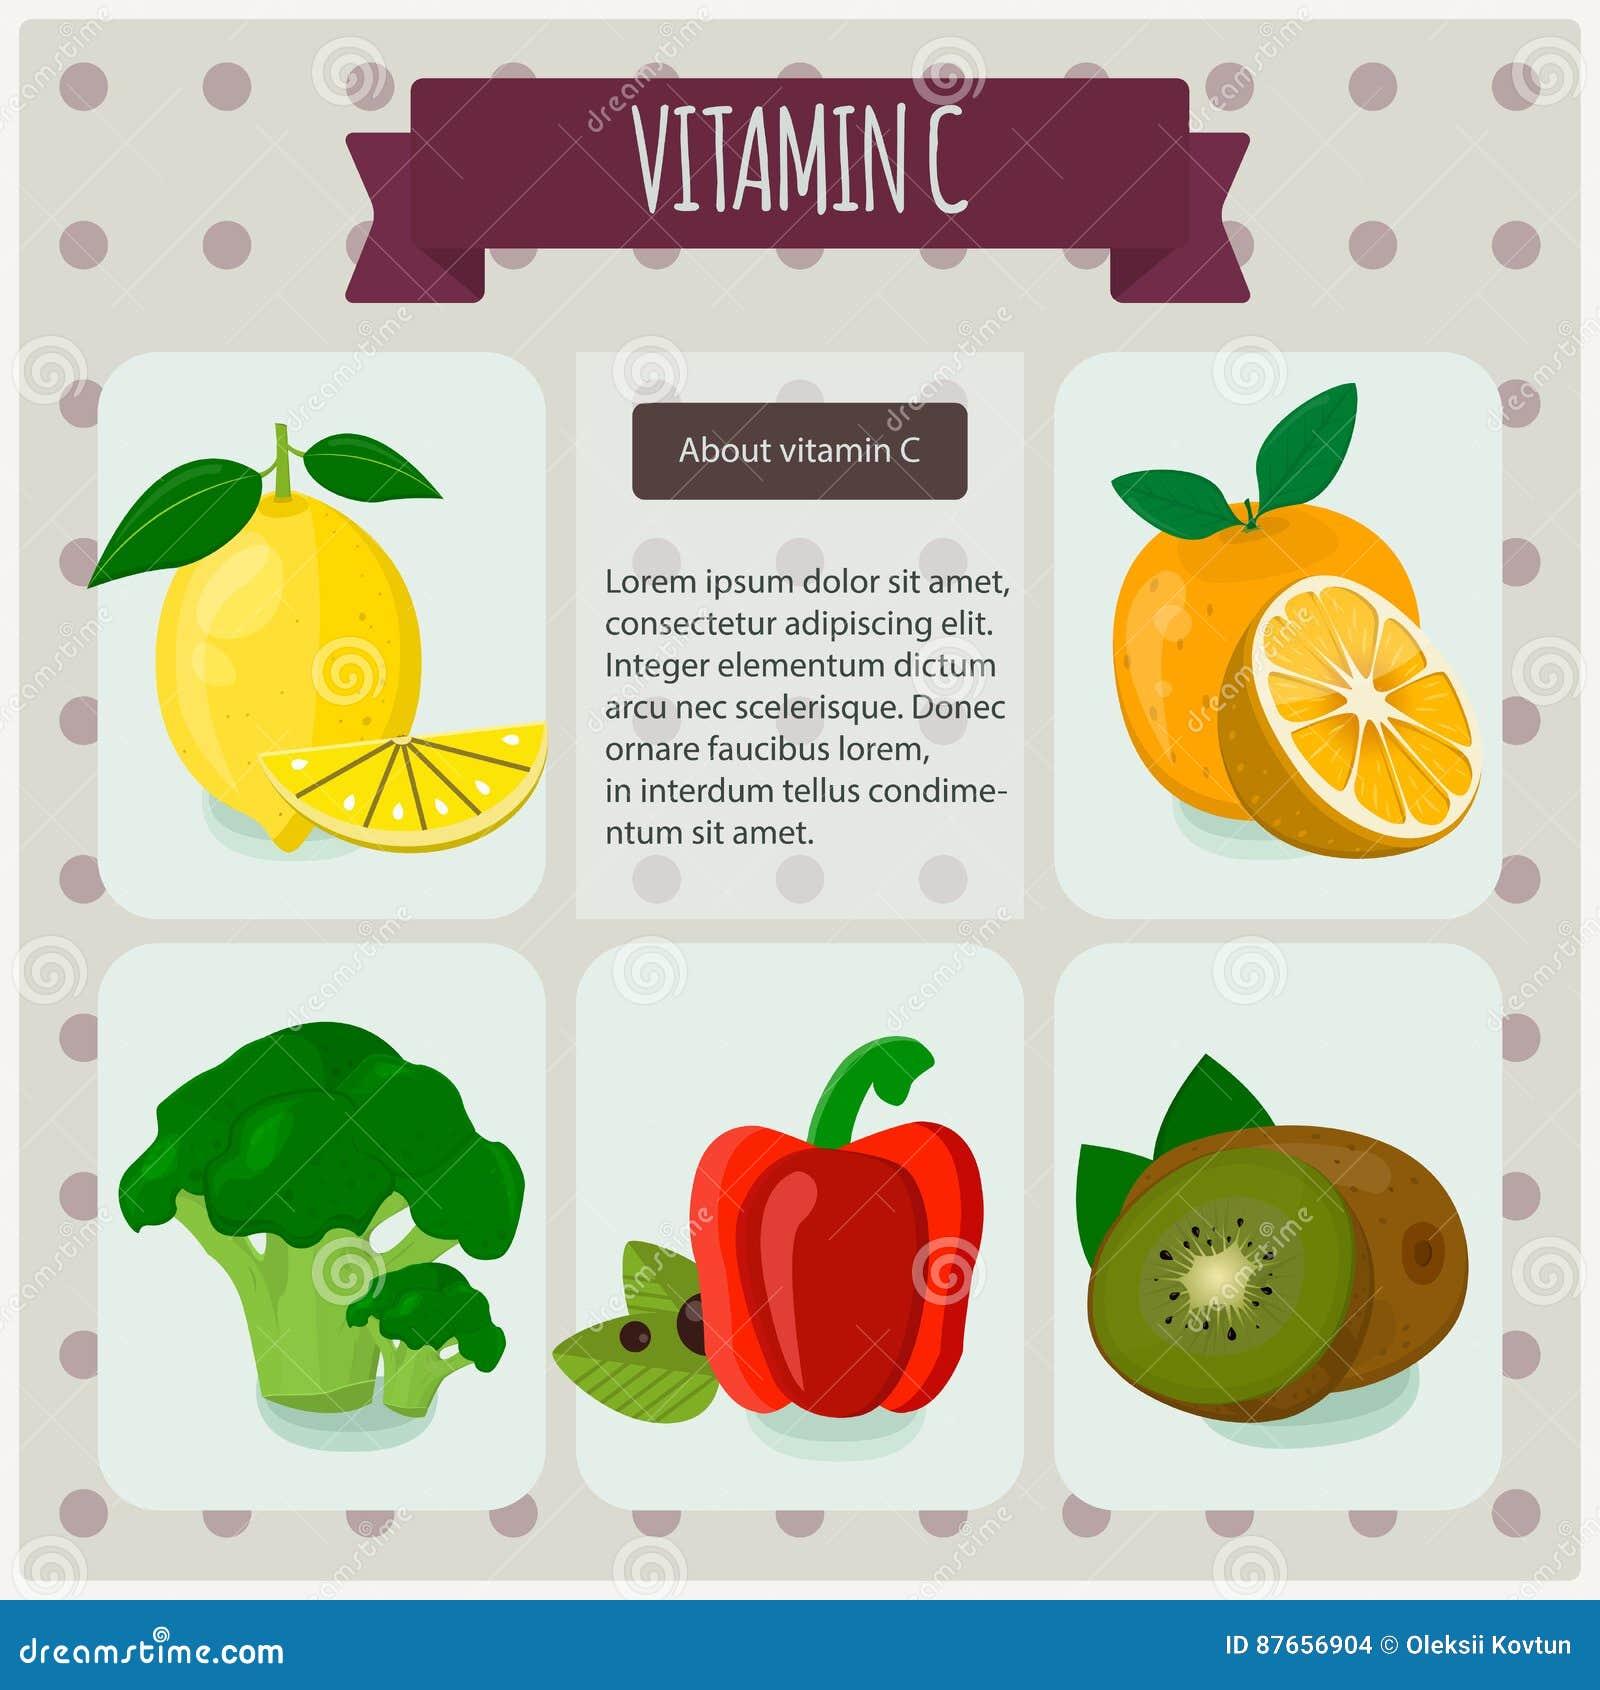 broccoli vitamine c